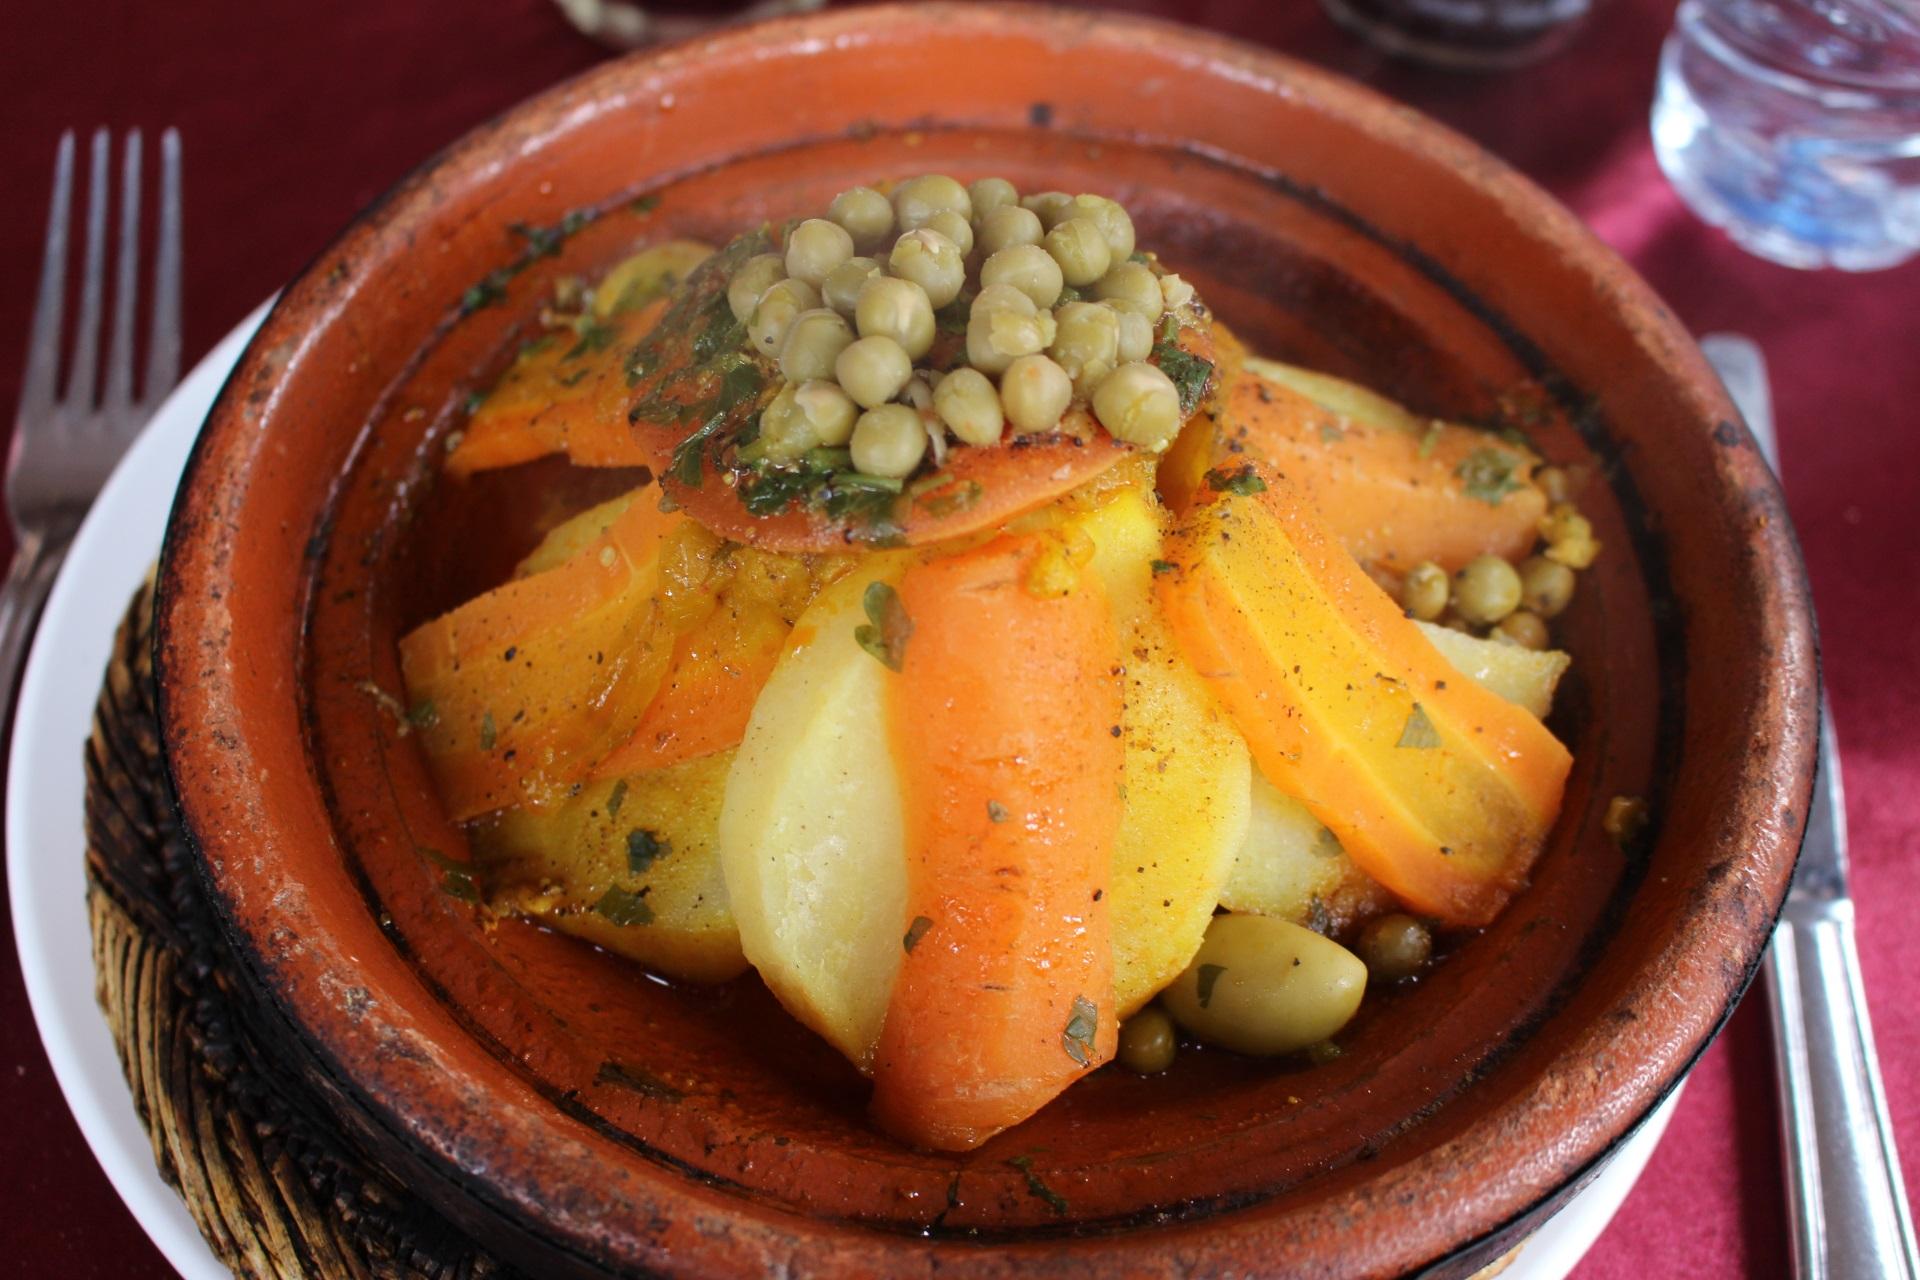 https://www.desert-candles.com/nb/praktisk-informasjon/marokkansk-mat/